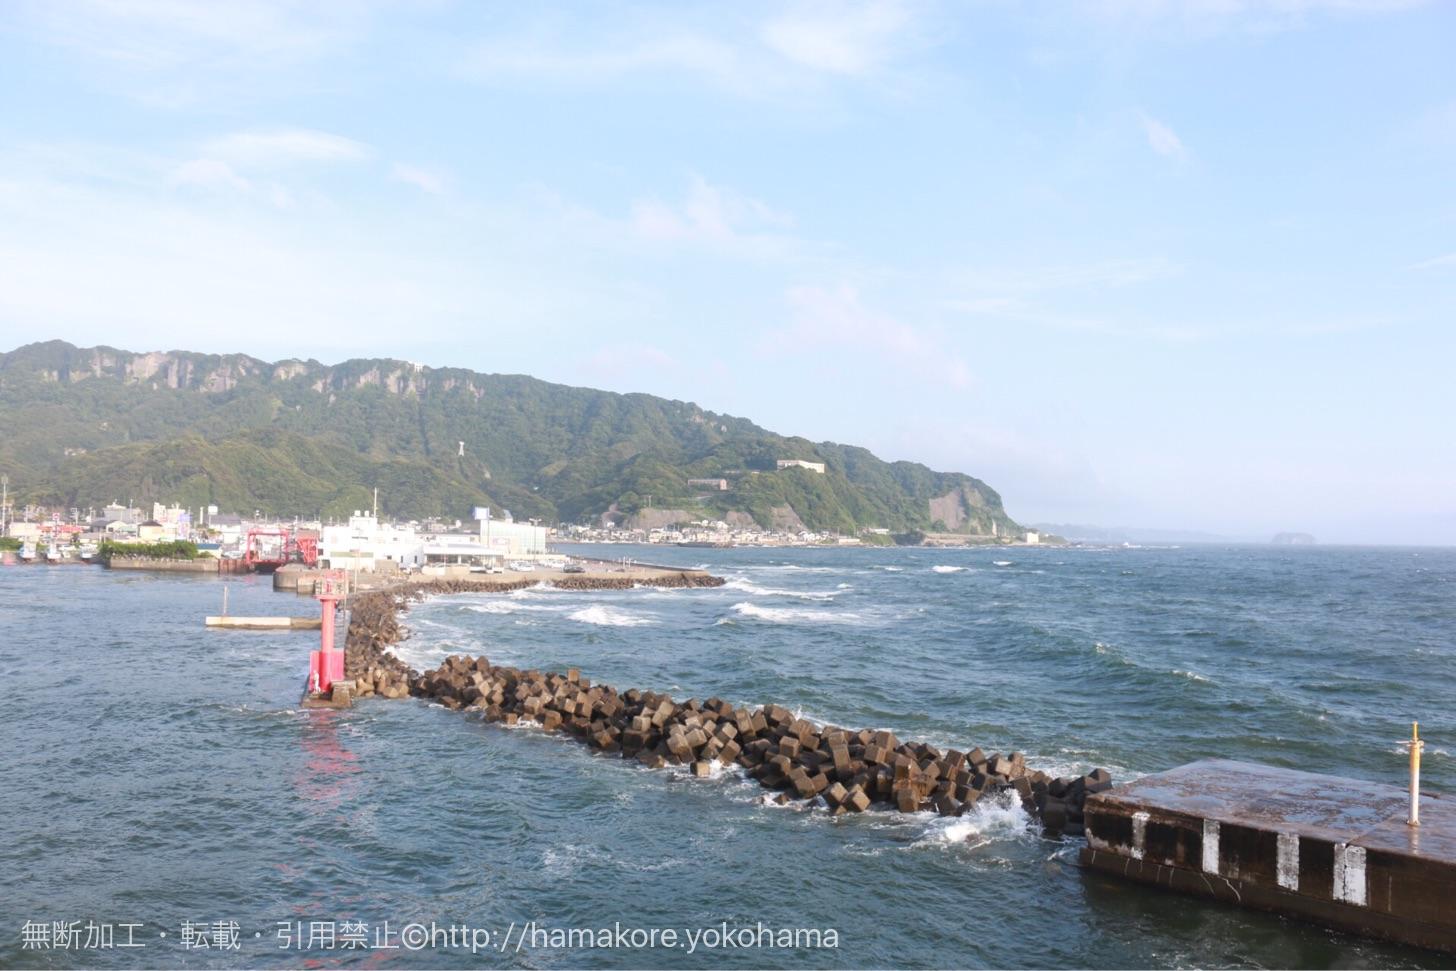 横浜から千葉までフェリーで約35分!横浜に帰る時は特におすすめ